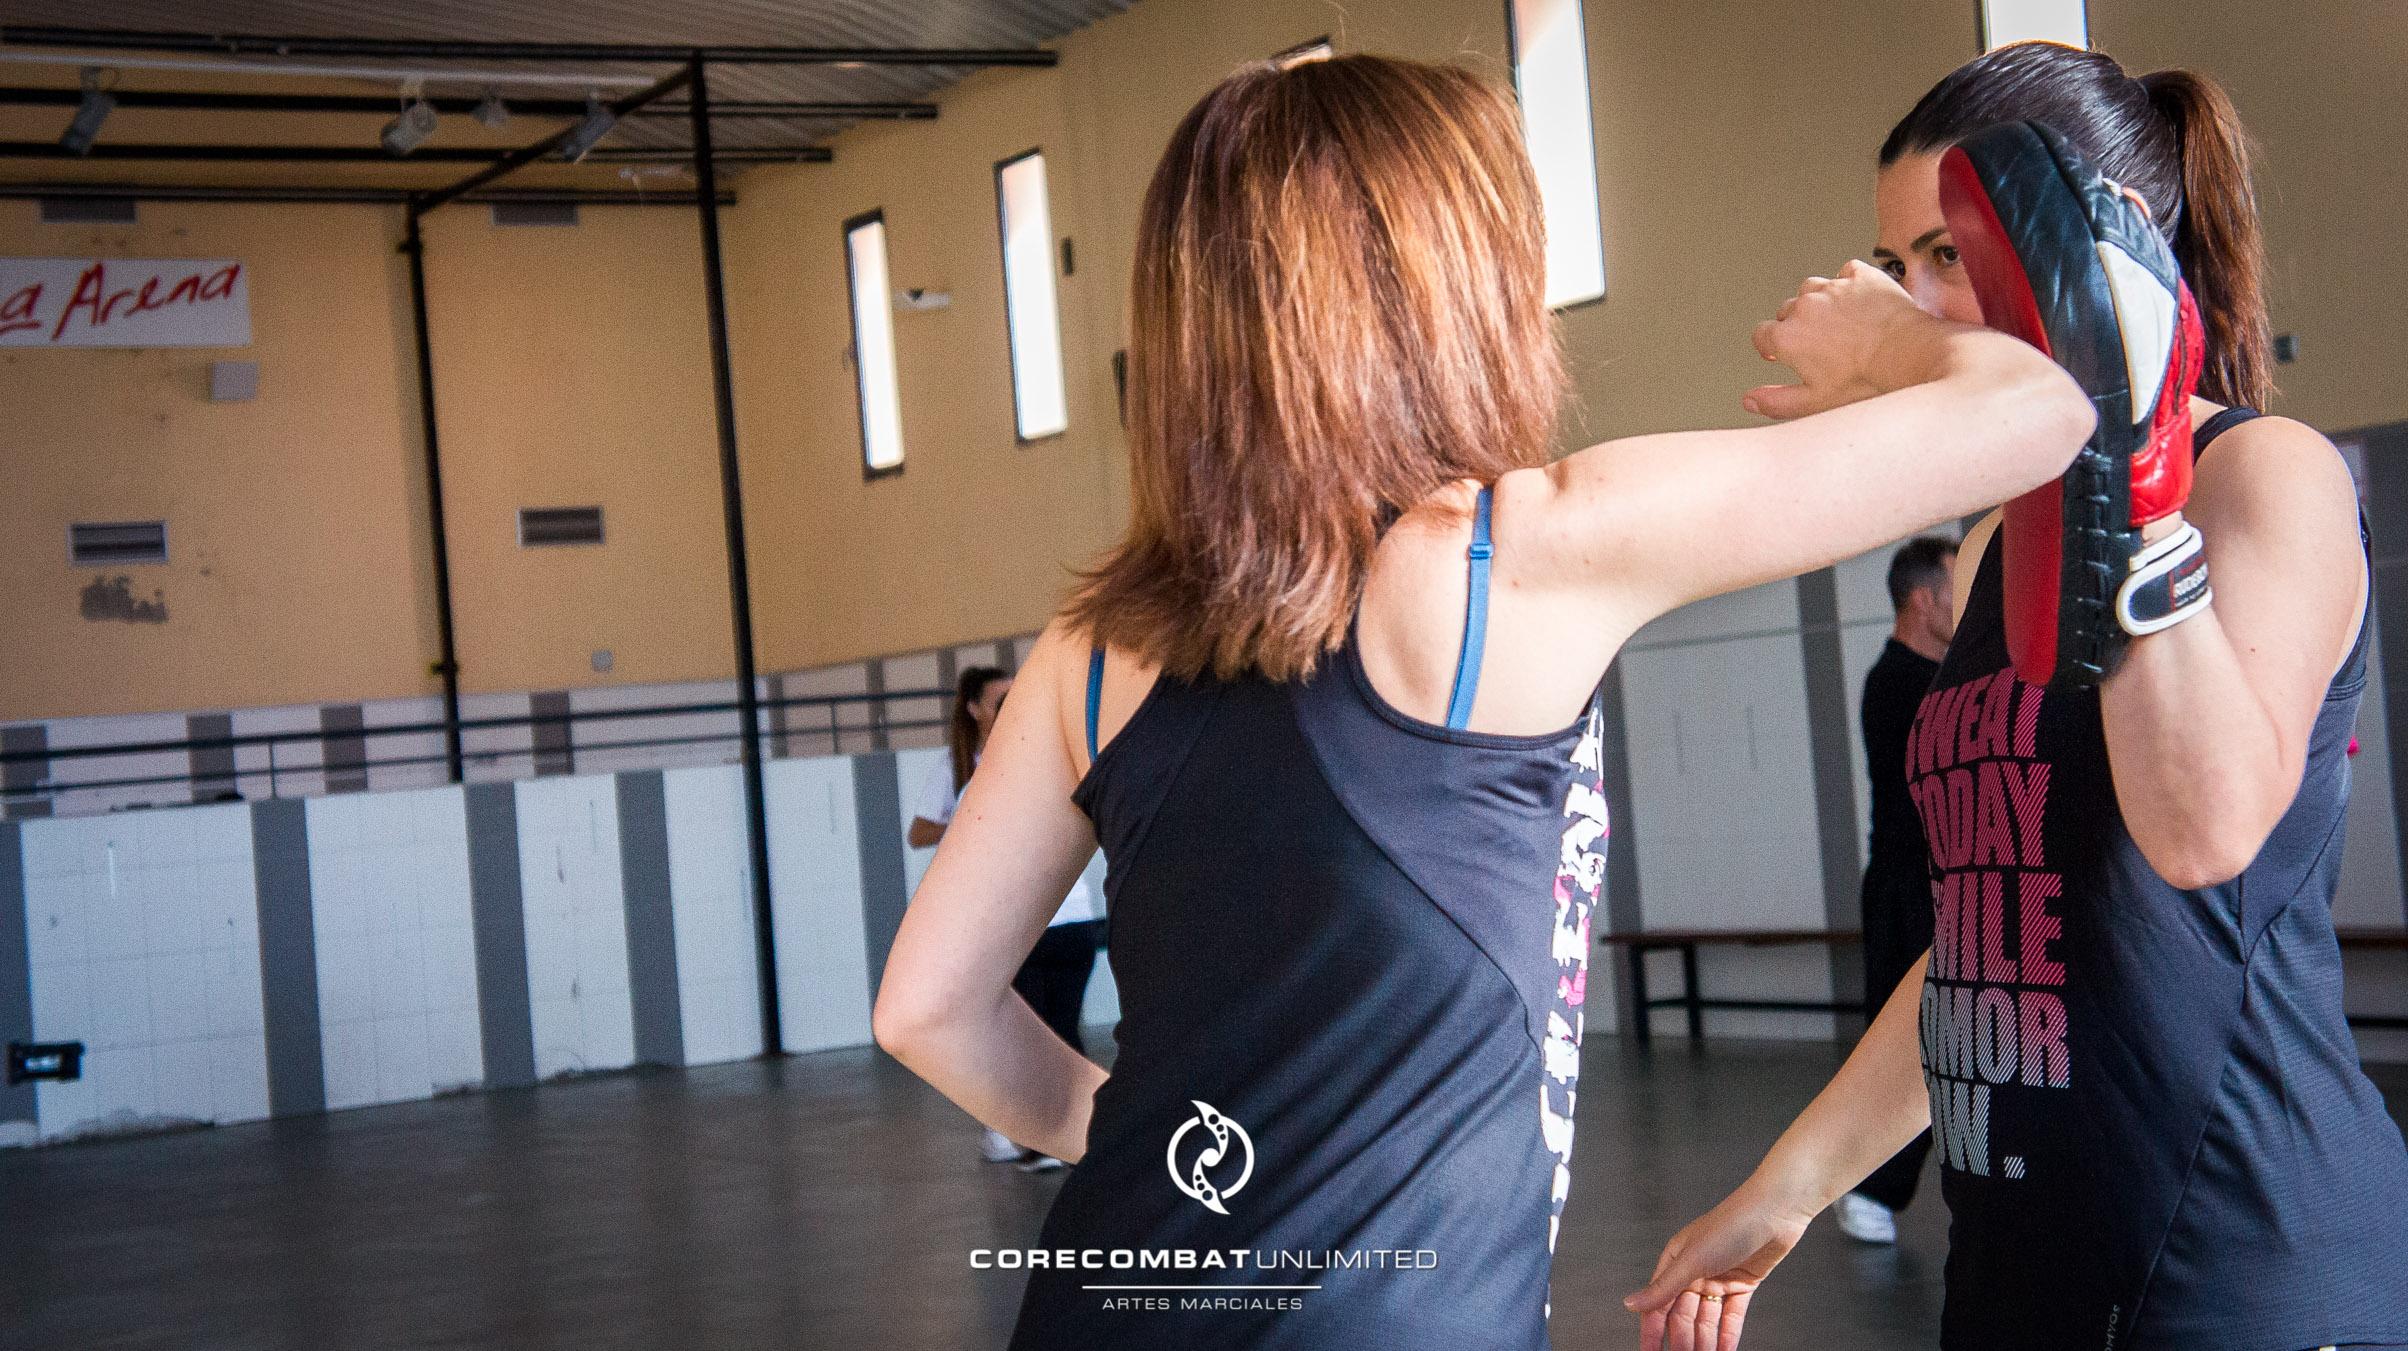 curso-defensa-personal-para-mujeres-zamora-coreses-artes-marciales-zamora-core-combat-salamanca-valladolid-leon-madrid-18